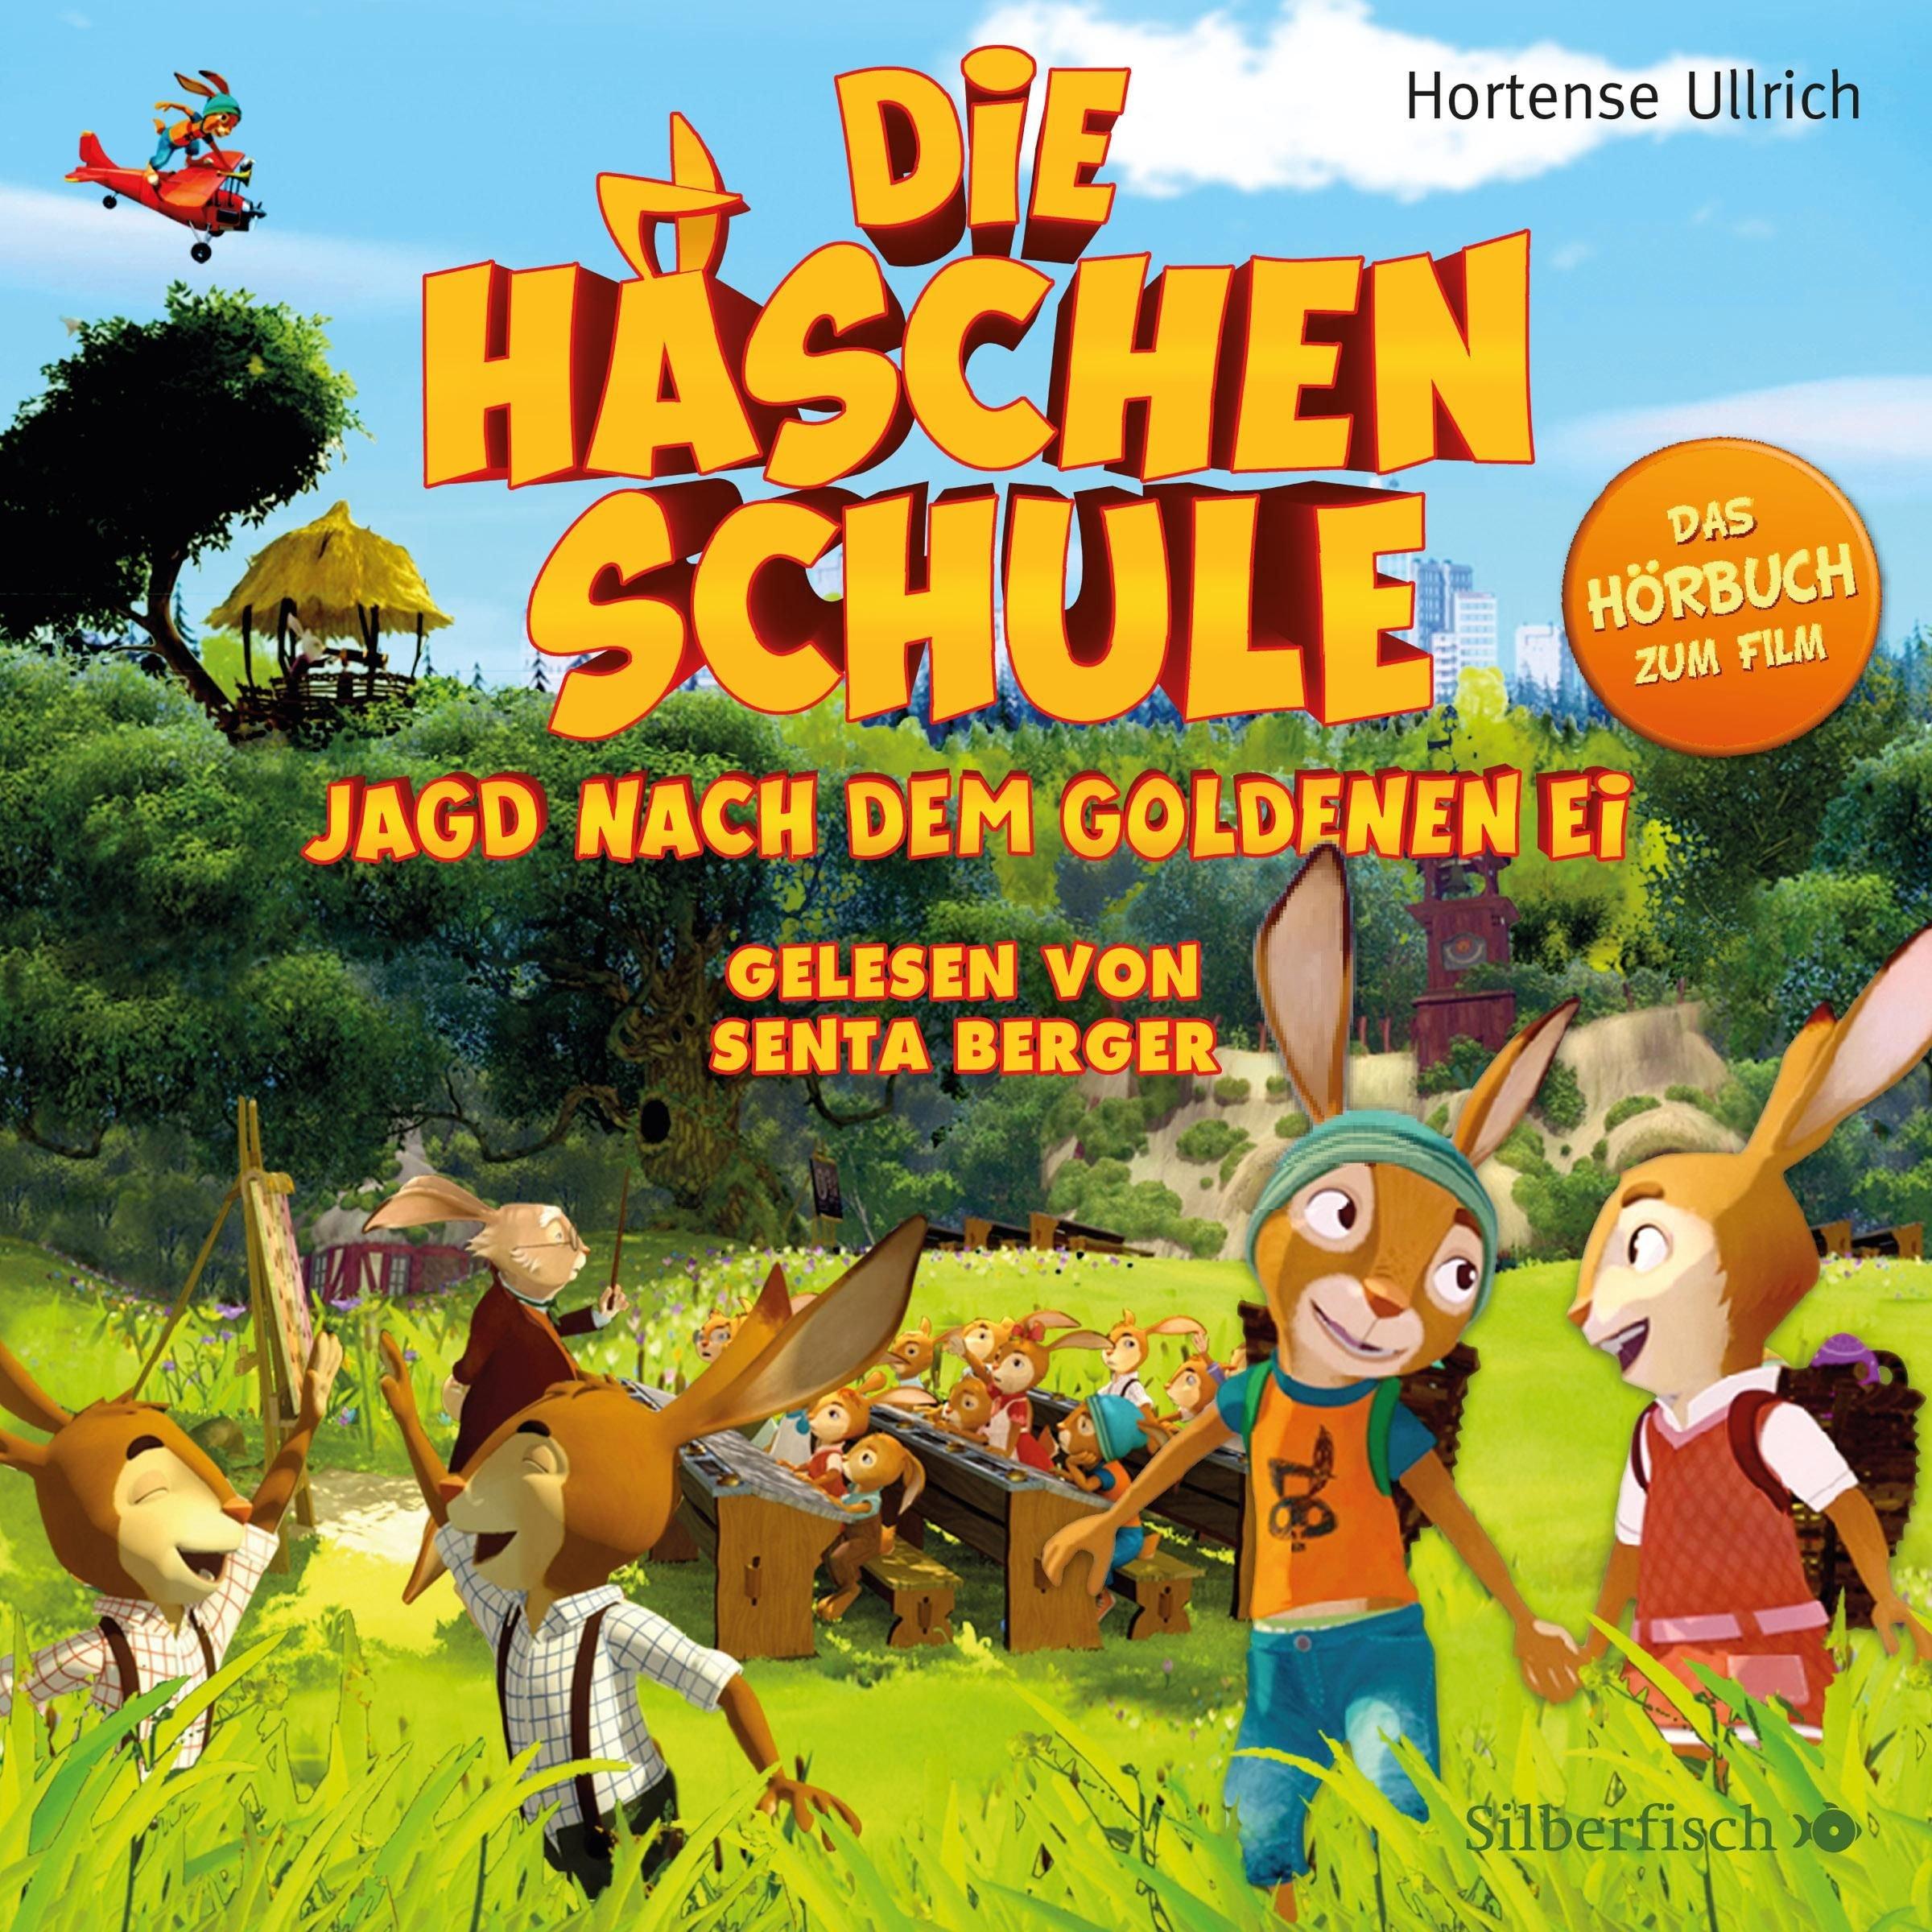 die-hschenschule-jagd-nach-dem-goldenen-ei-das-original-hrbuch-zum-film-1-cd